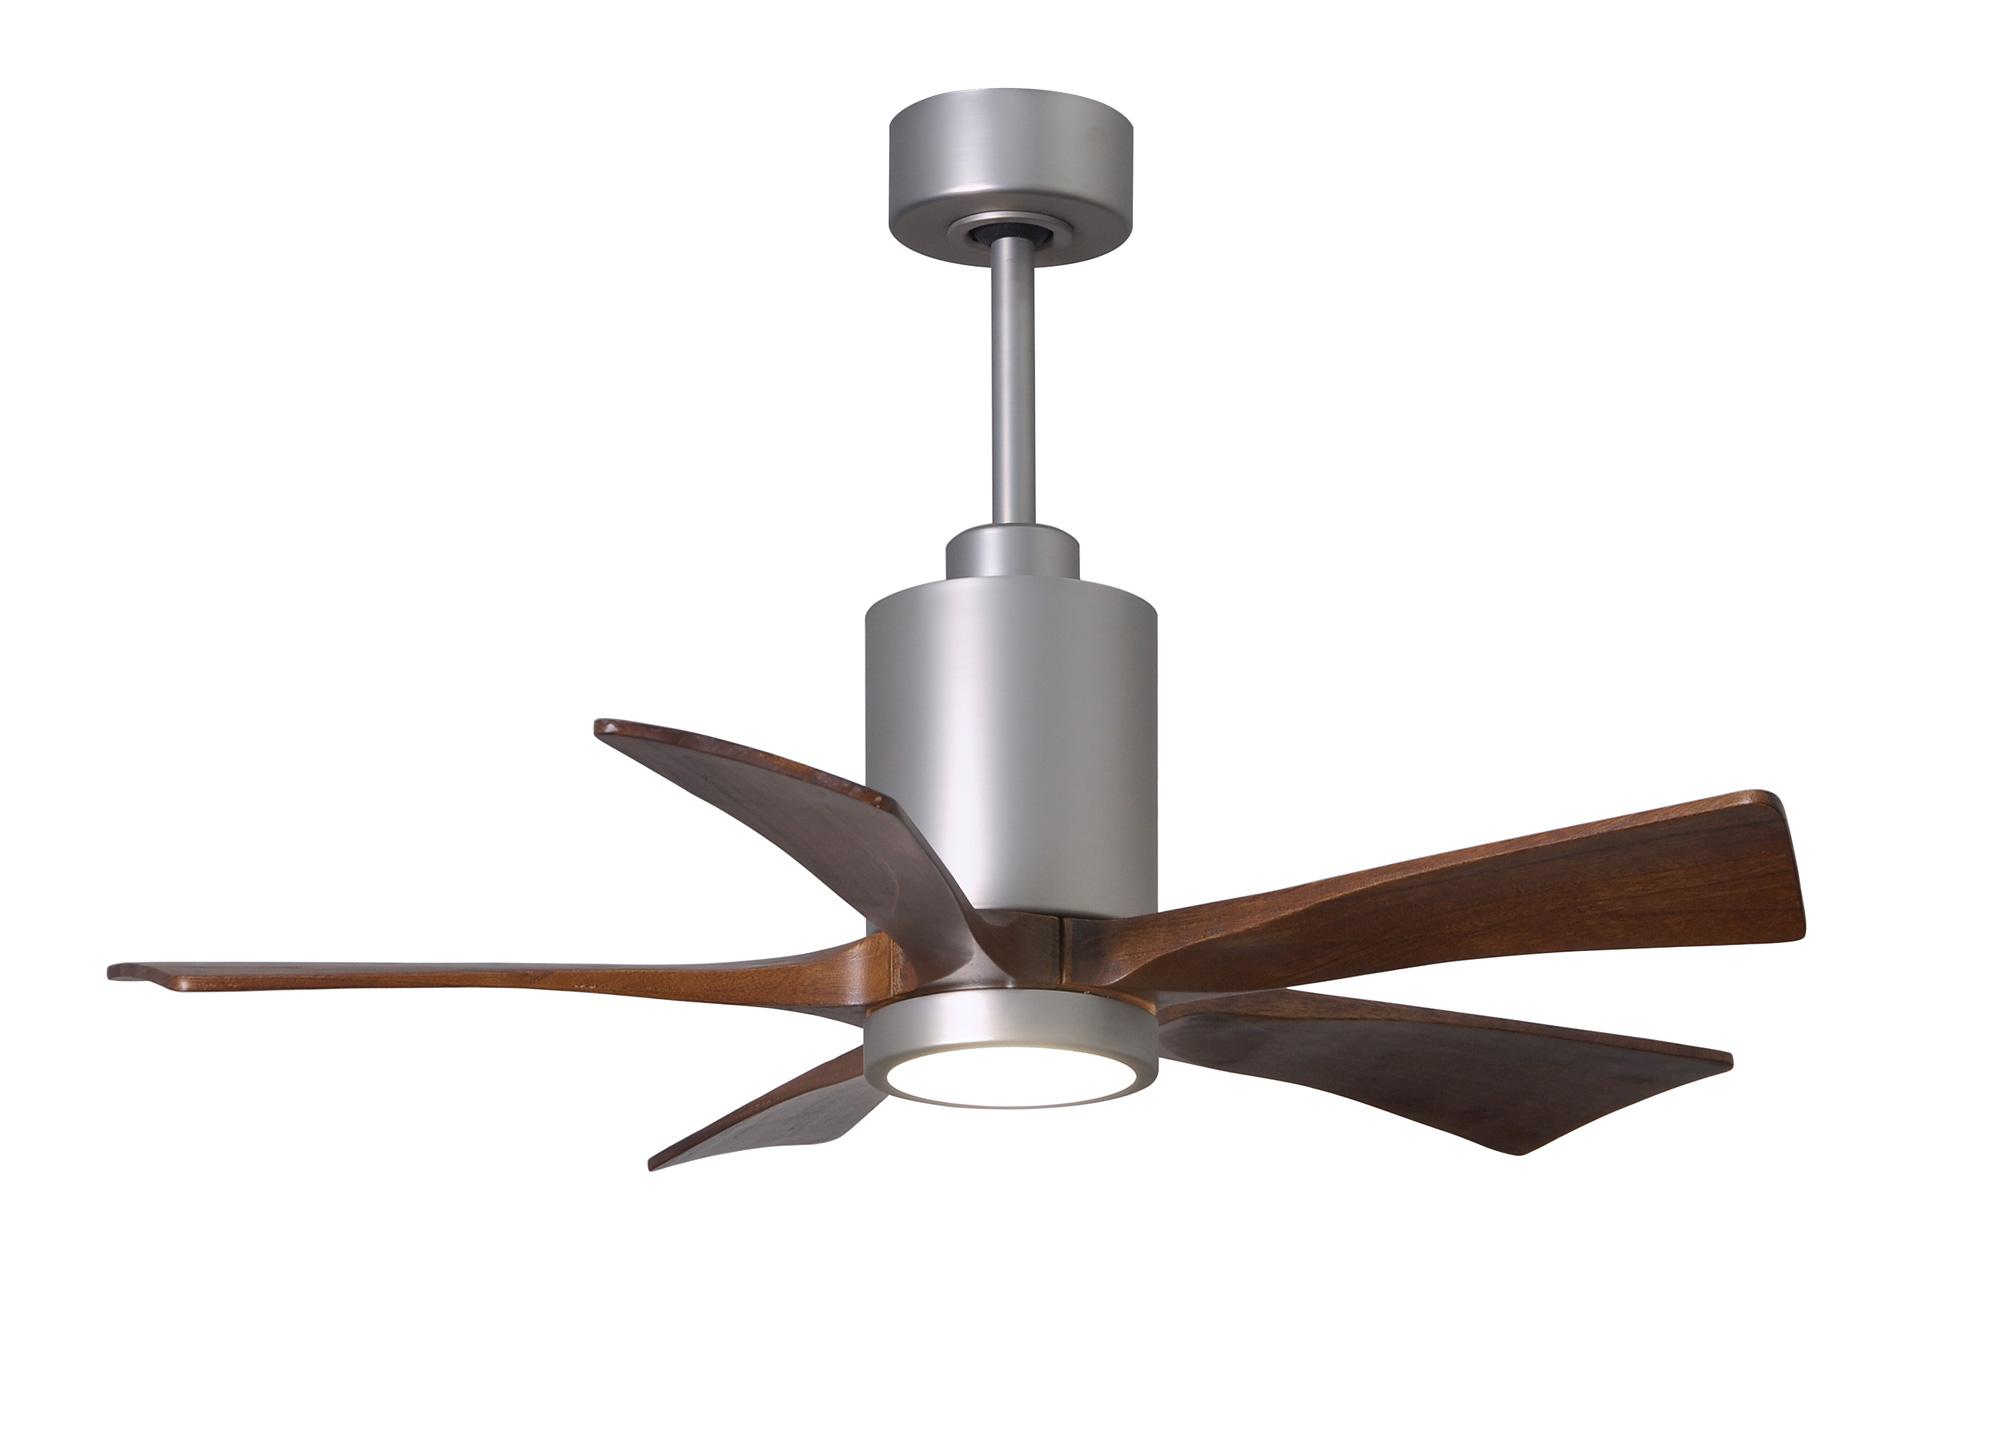 5 Blade Ceiling Fan with Light by Matthews Fan pany